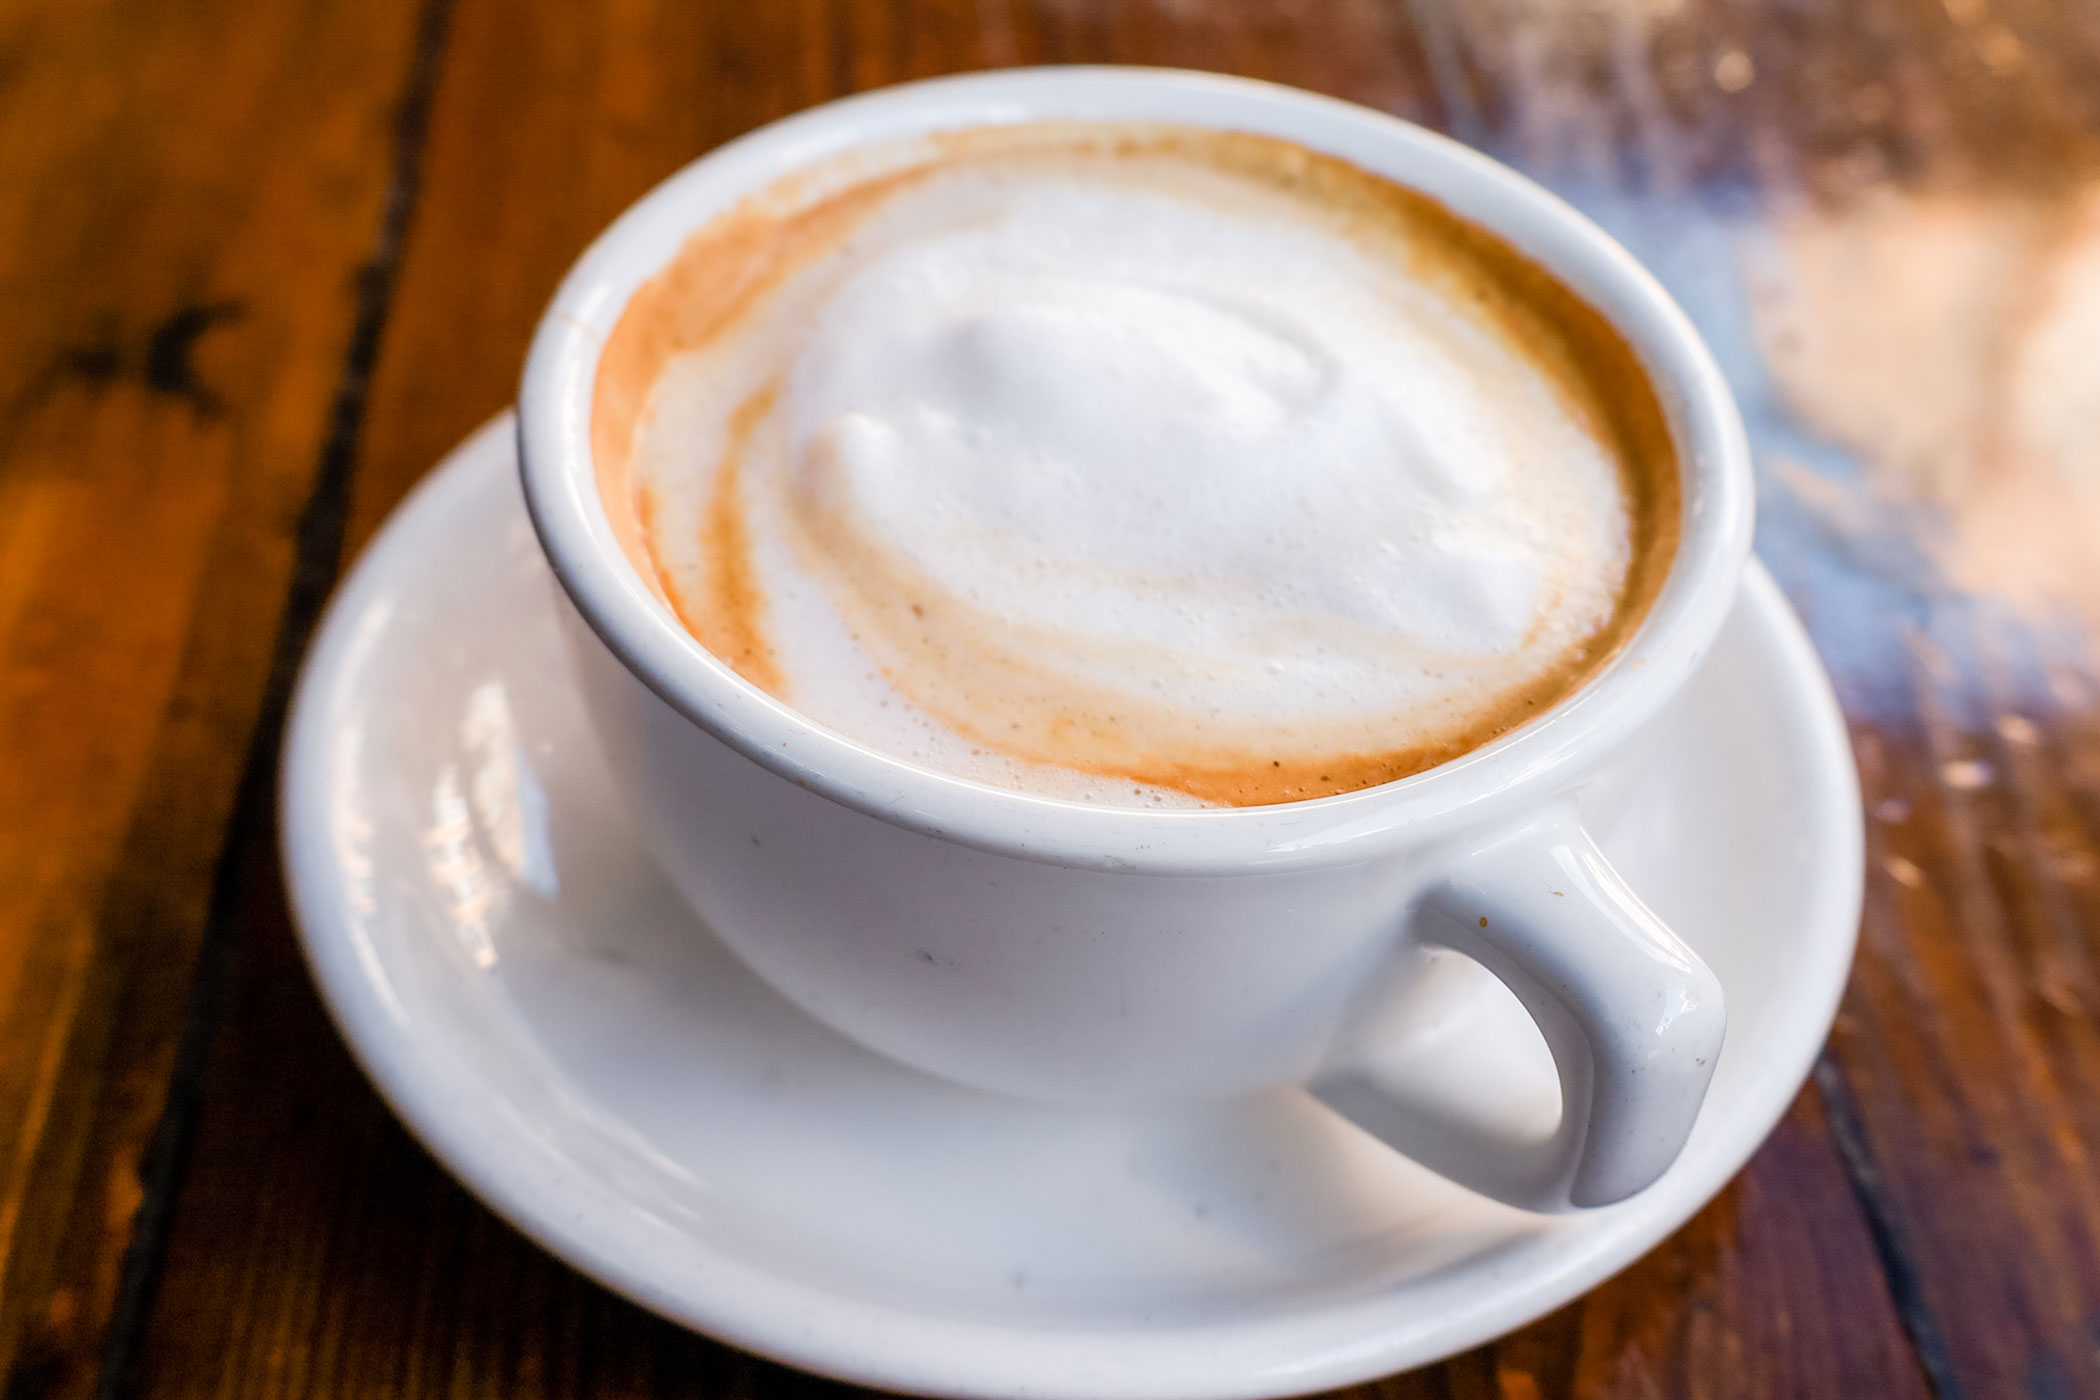 A chai tea latte in a tea cup.